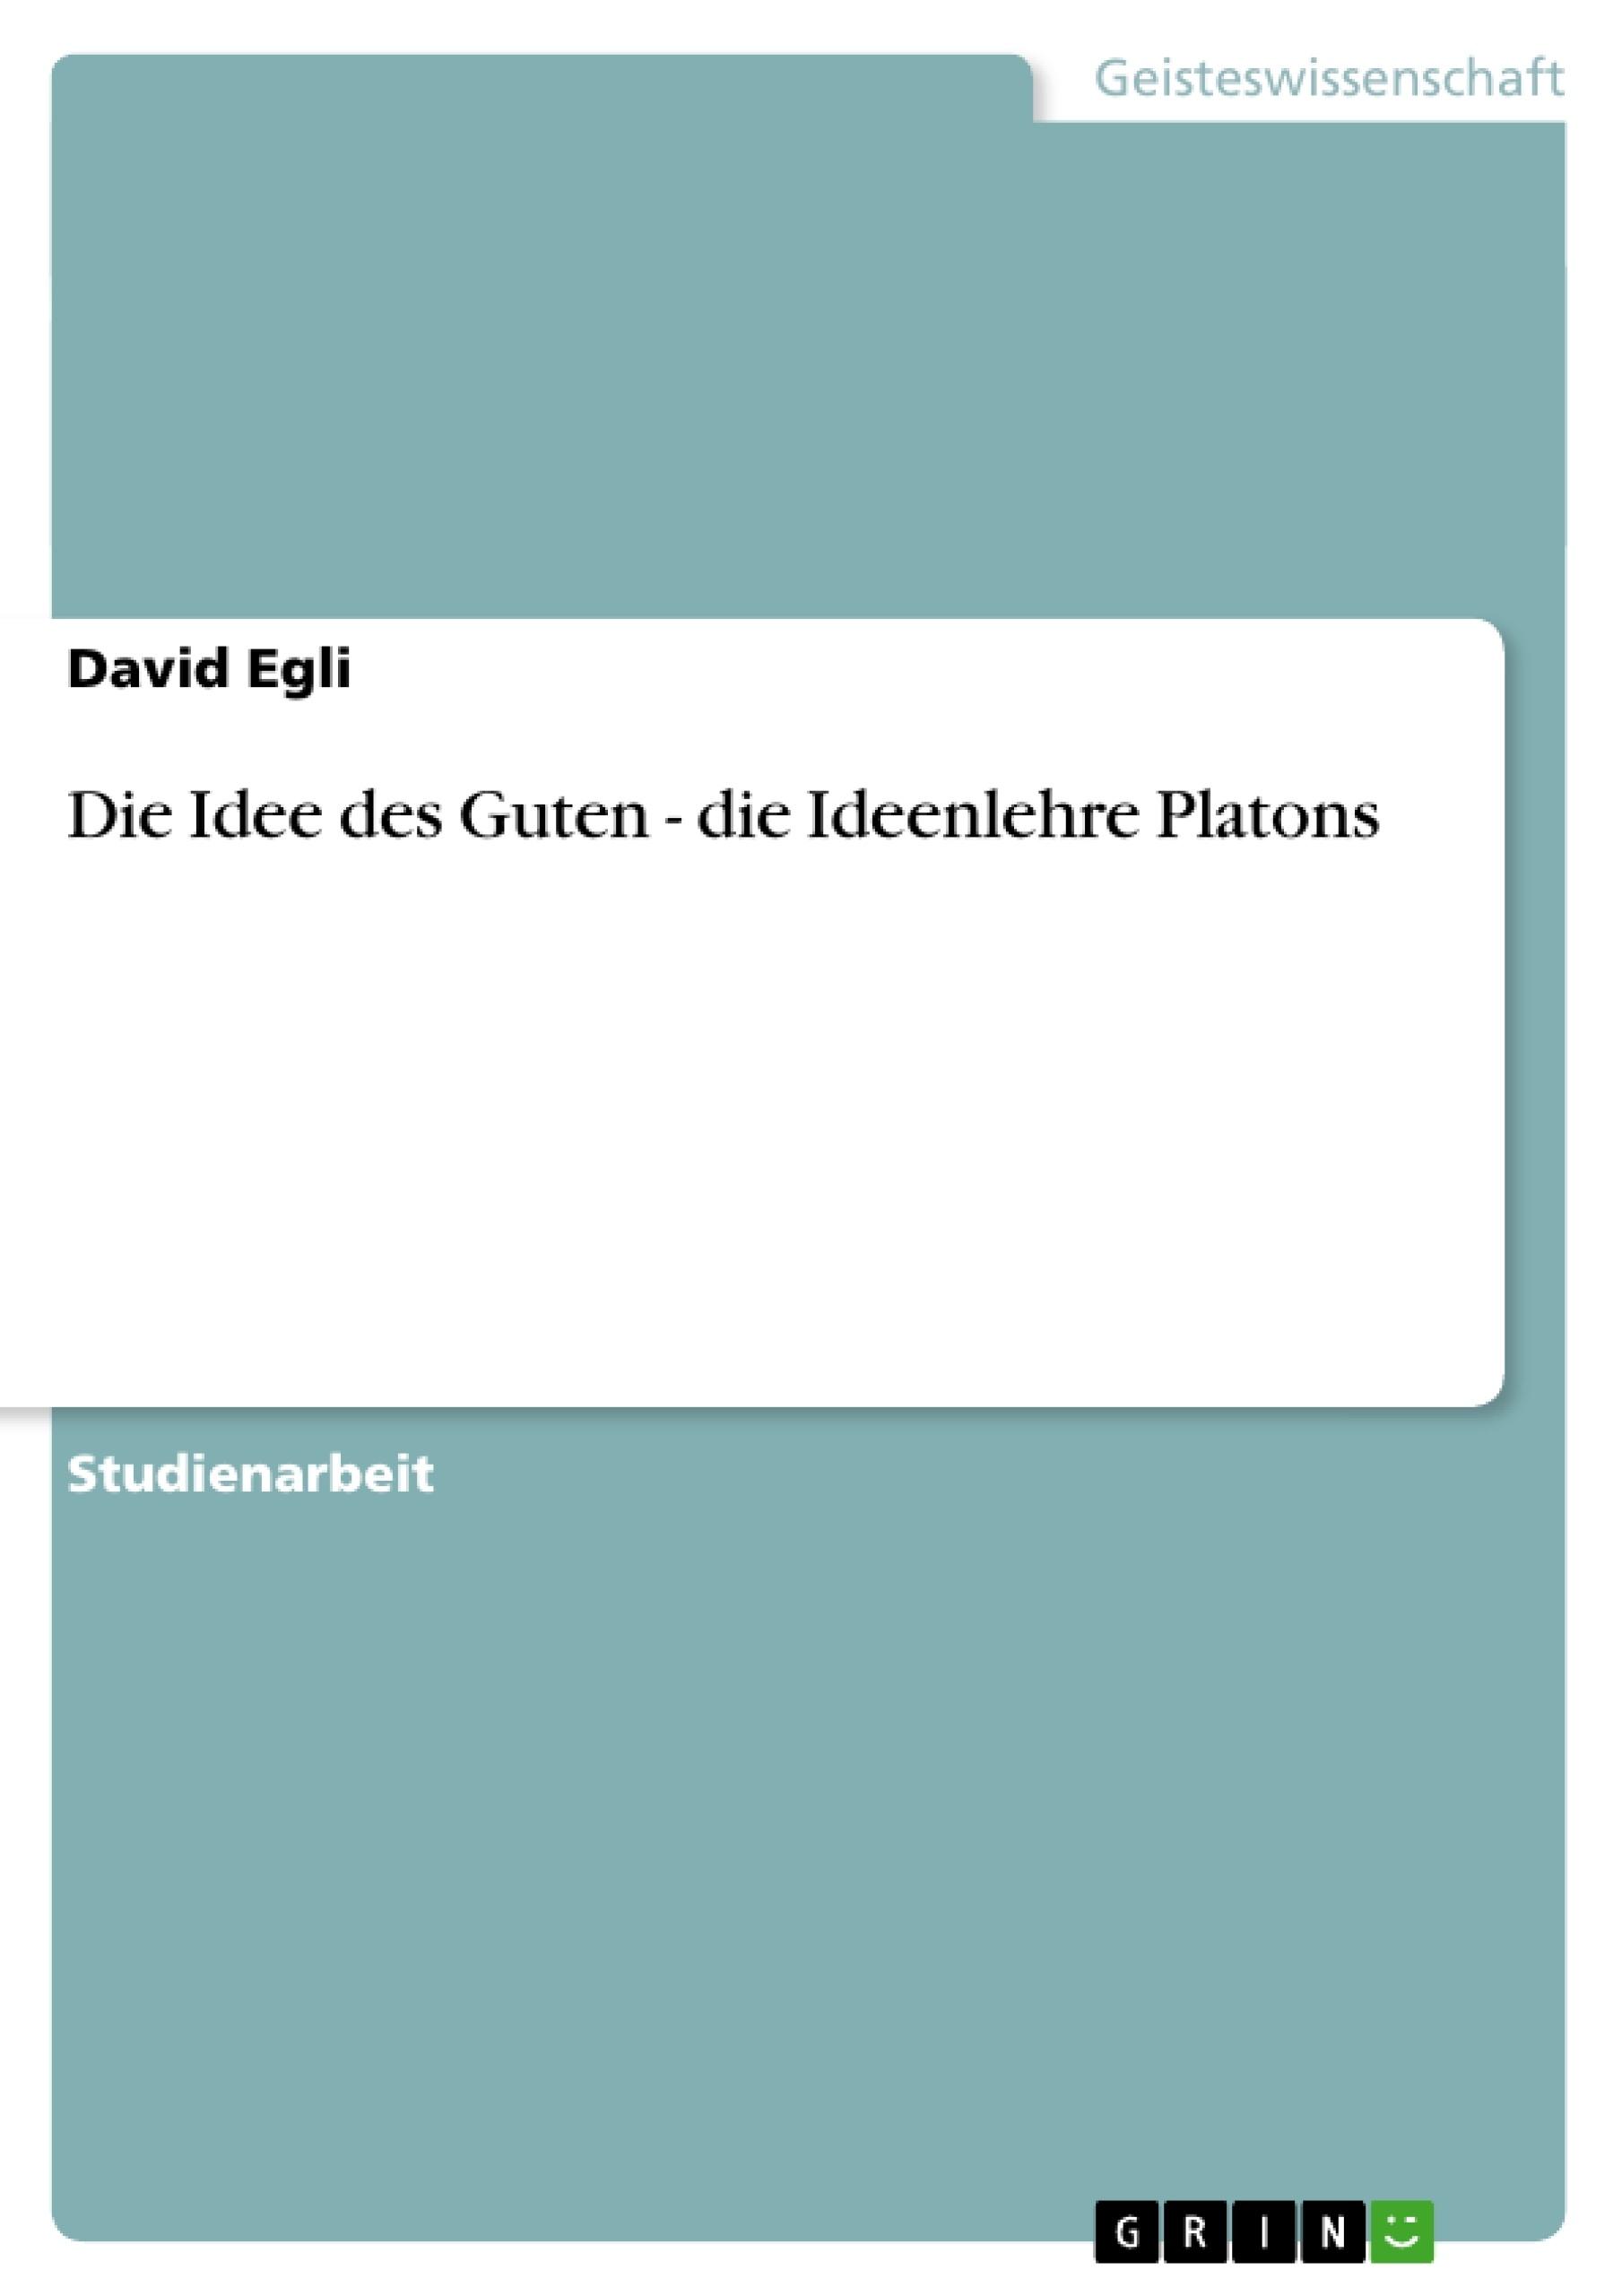 Titel: Die Idee des Guten - die Ideenlehre Platons